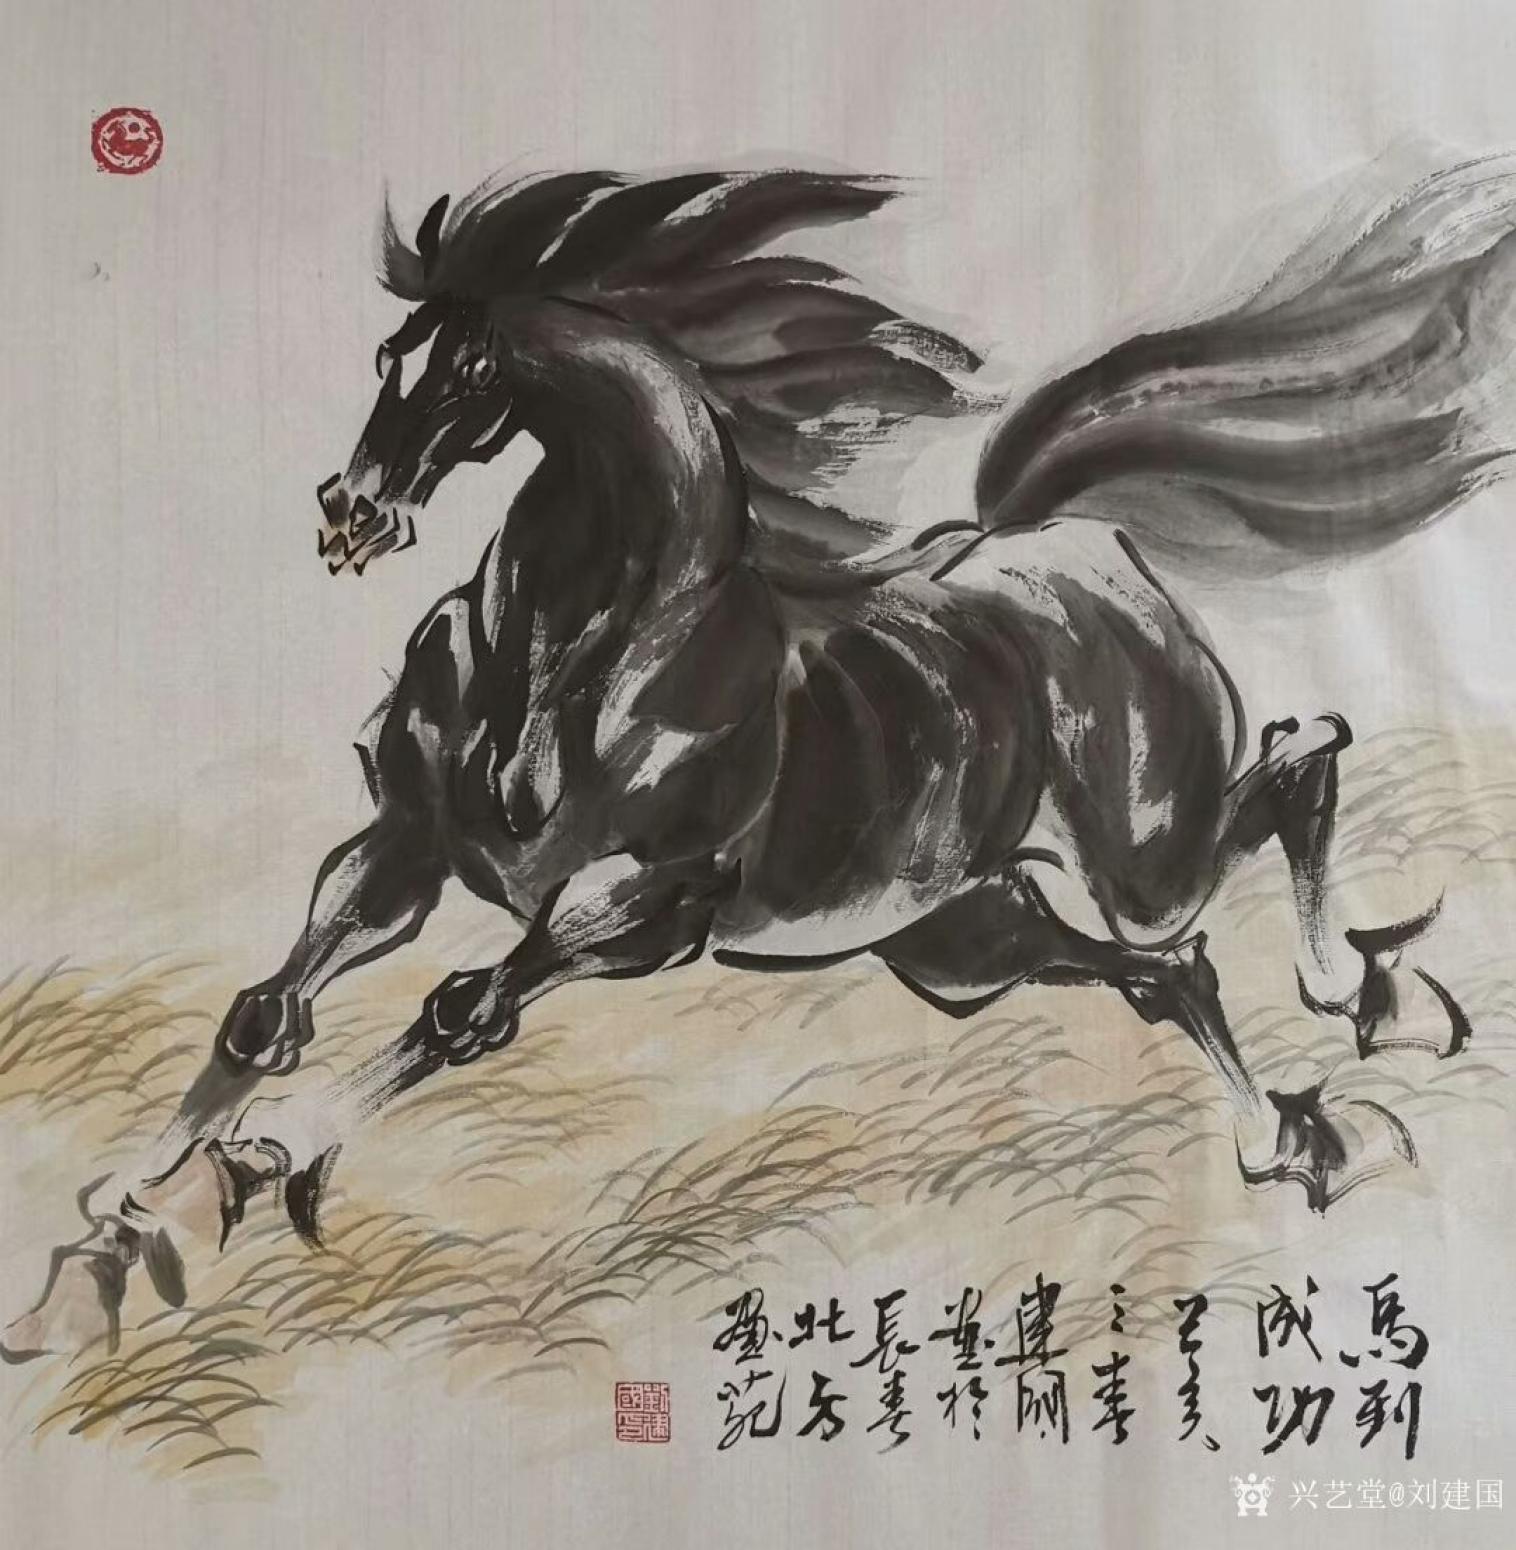 刘建国国画作品《马到成功》